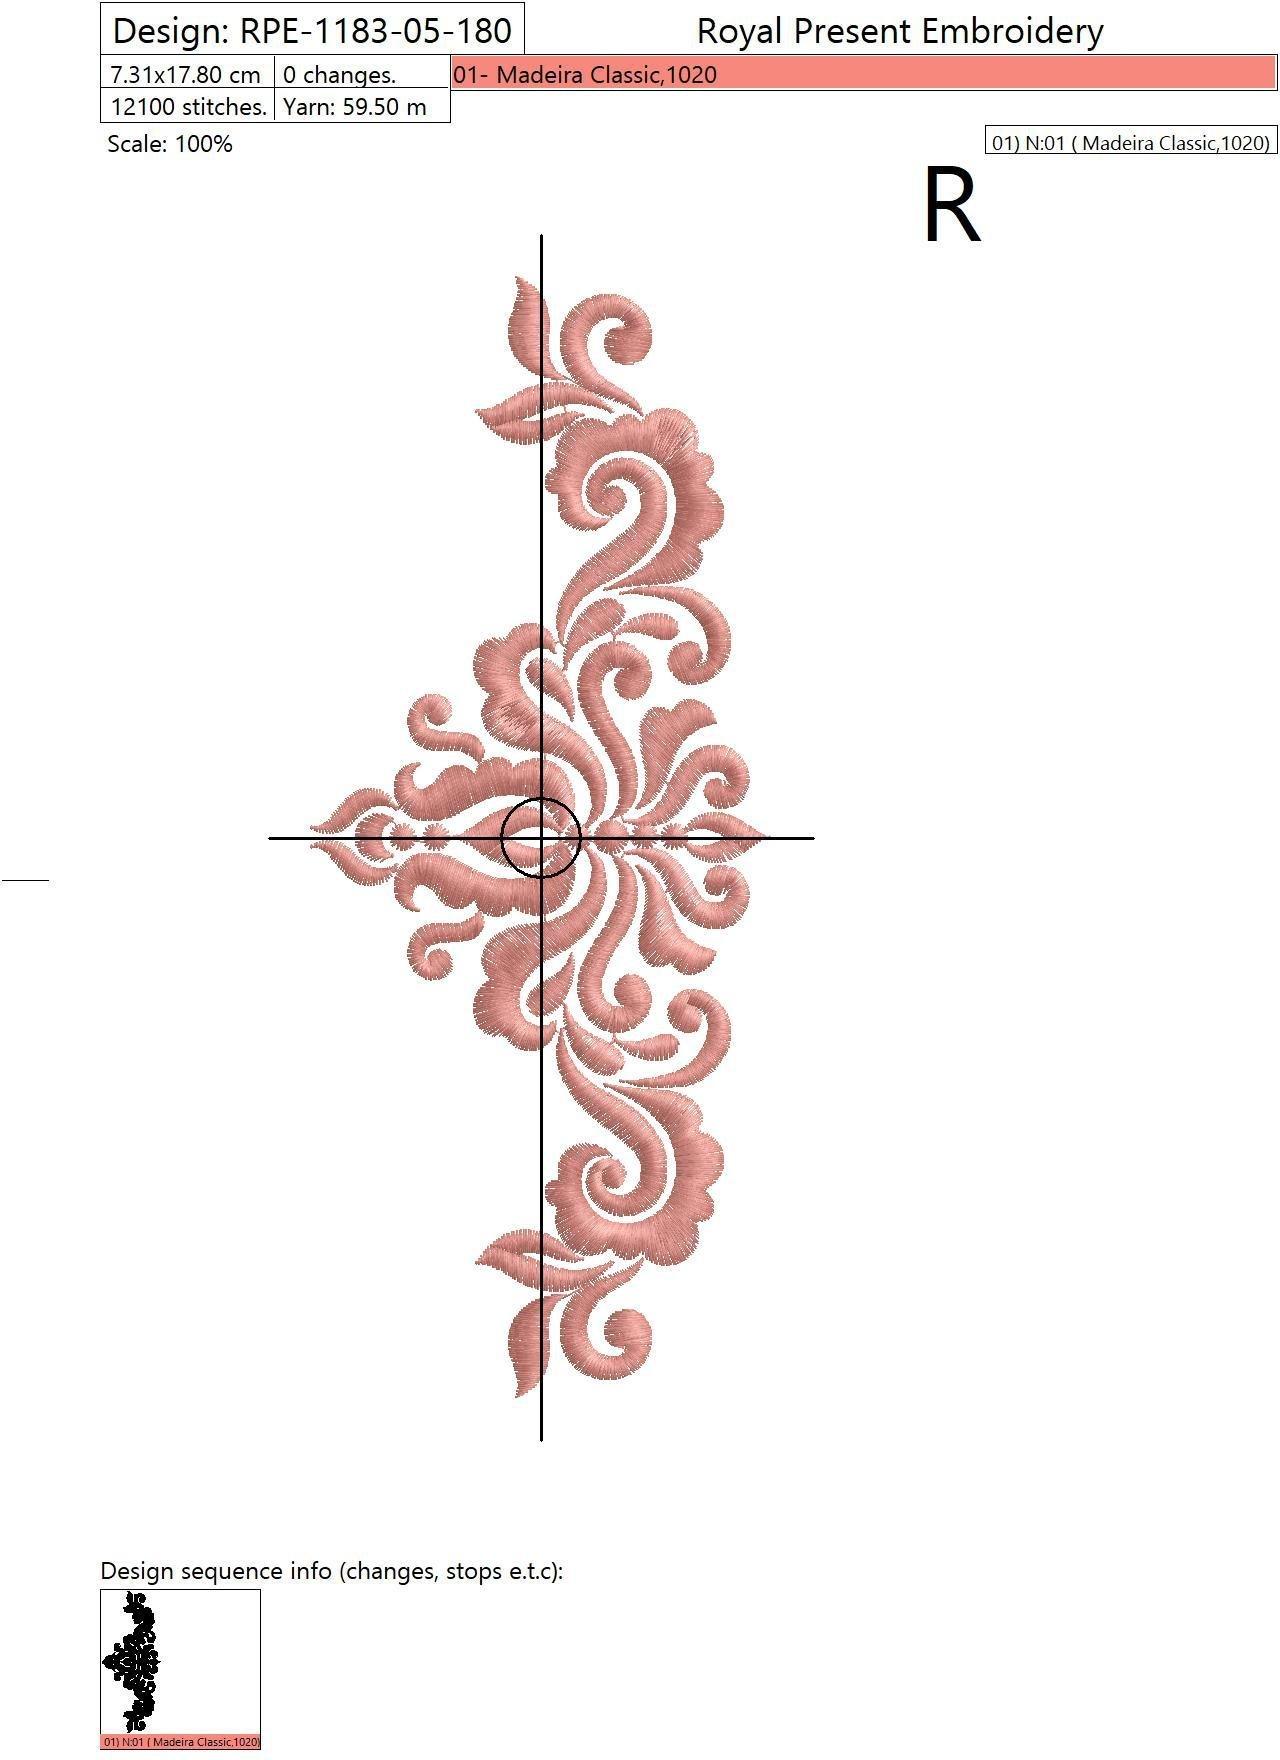 Дизайн машинной вышивки Абстрактный Элегантный декор V - 3 размера